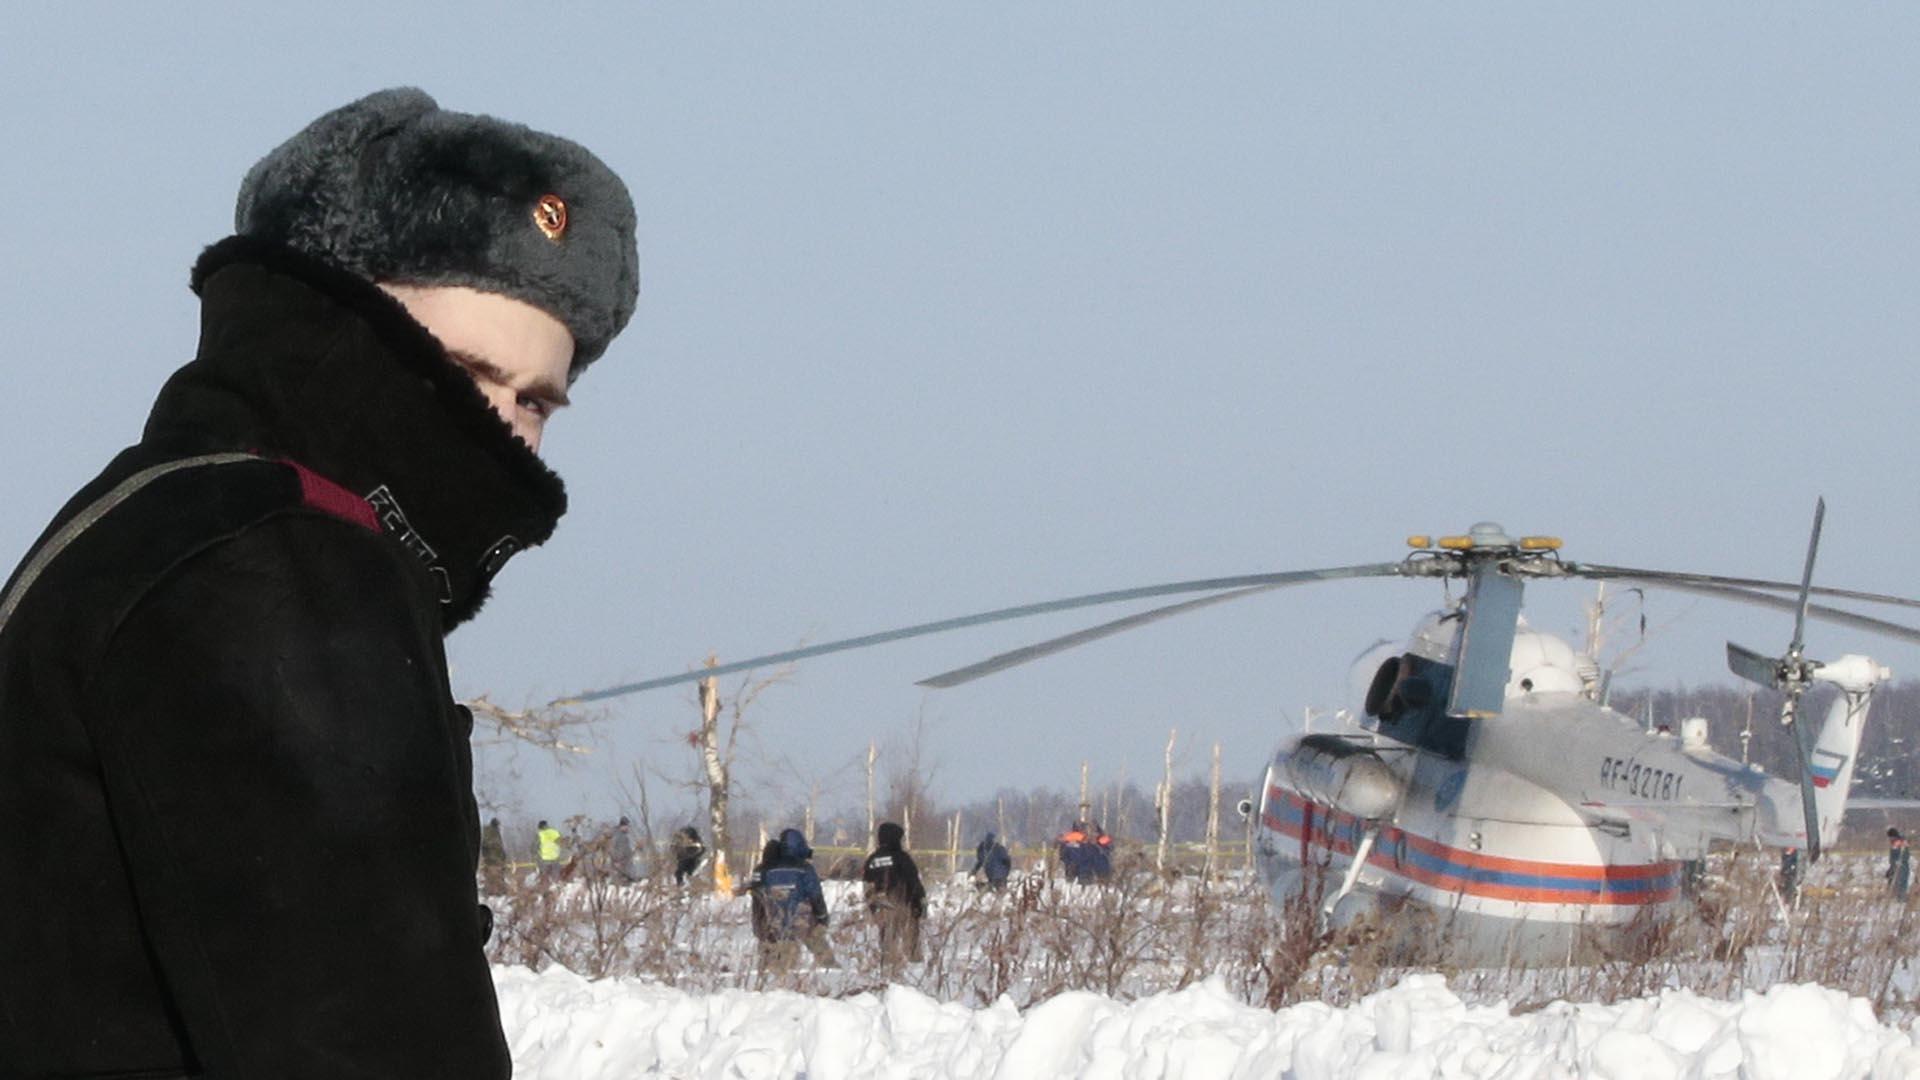 Los trabajos de búsqueda de los restos del accidente de avión en las afueras del Moscú involucran a unos mil trabajadores (REUTERS/Tatyana Makeyeva)